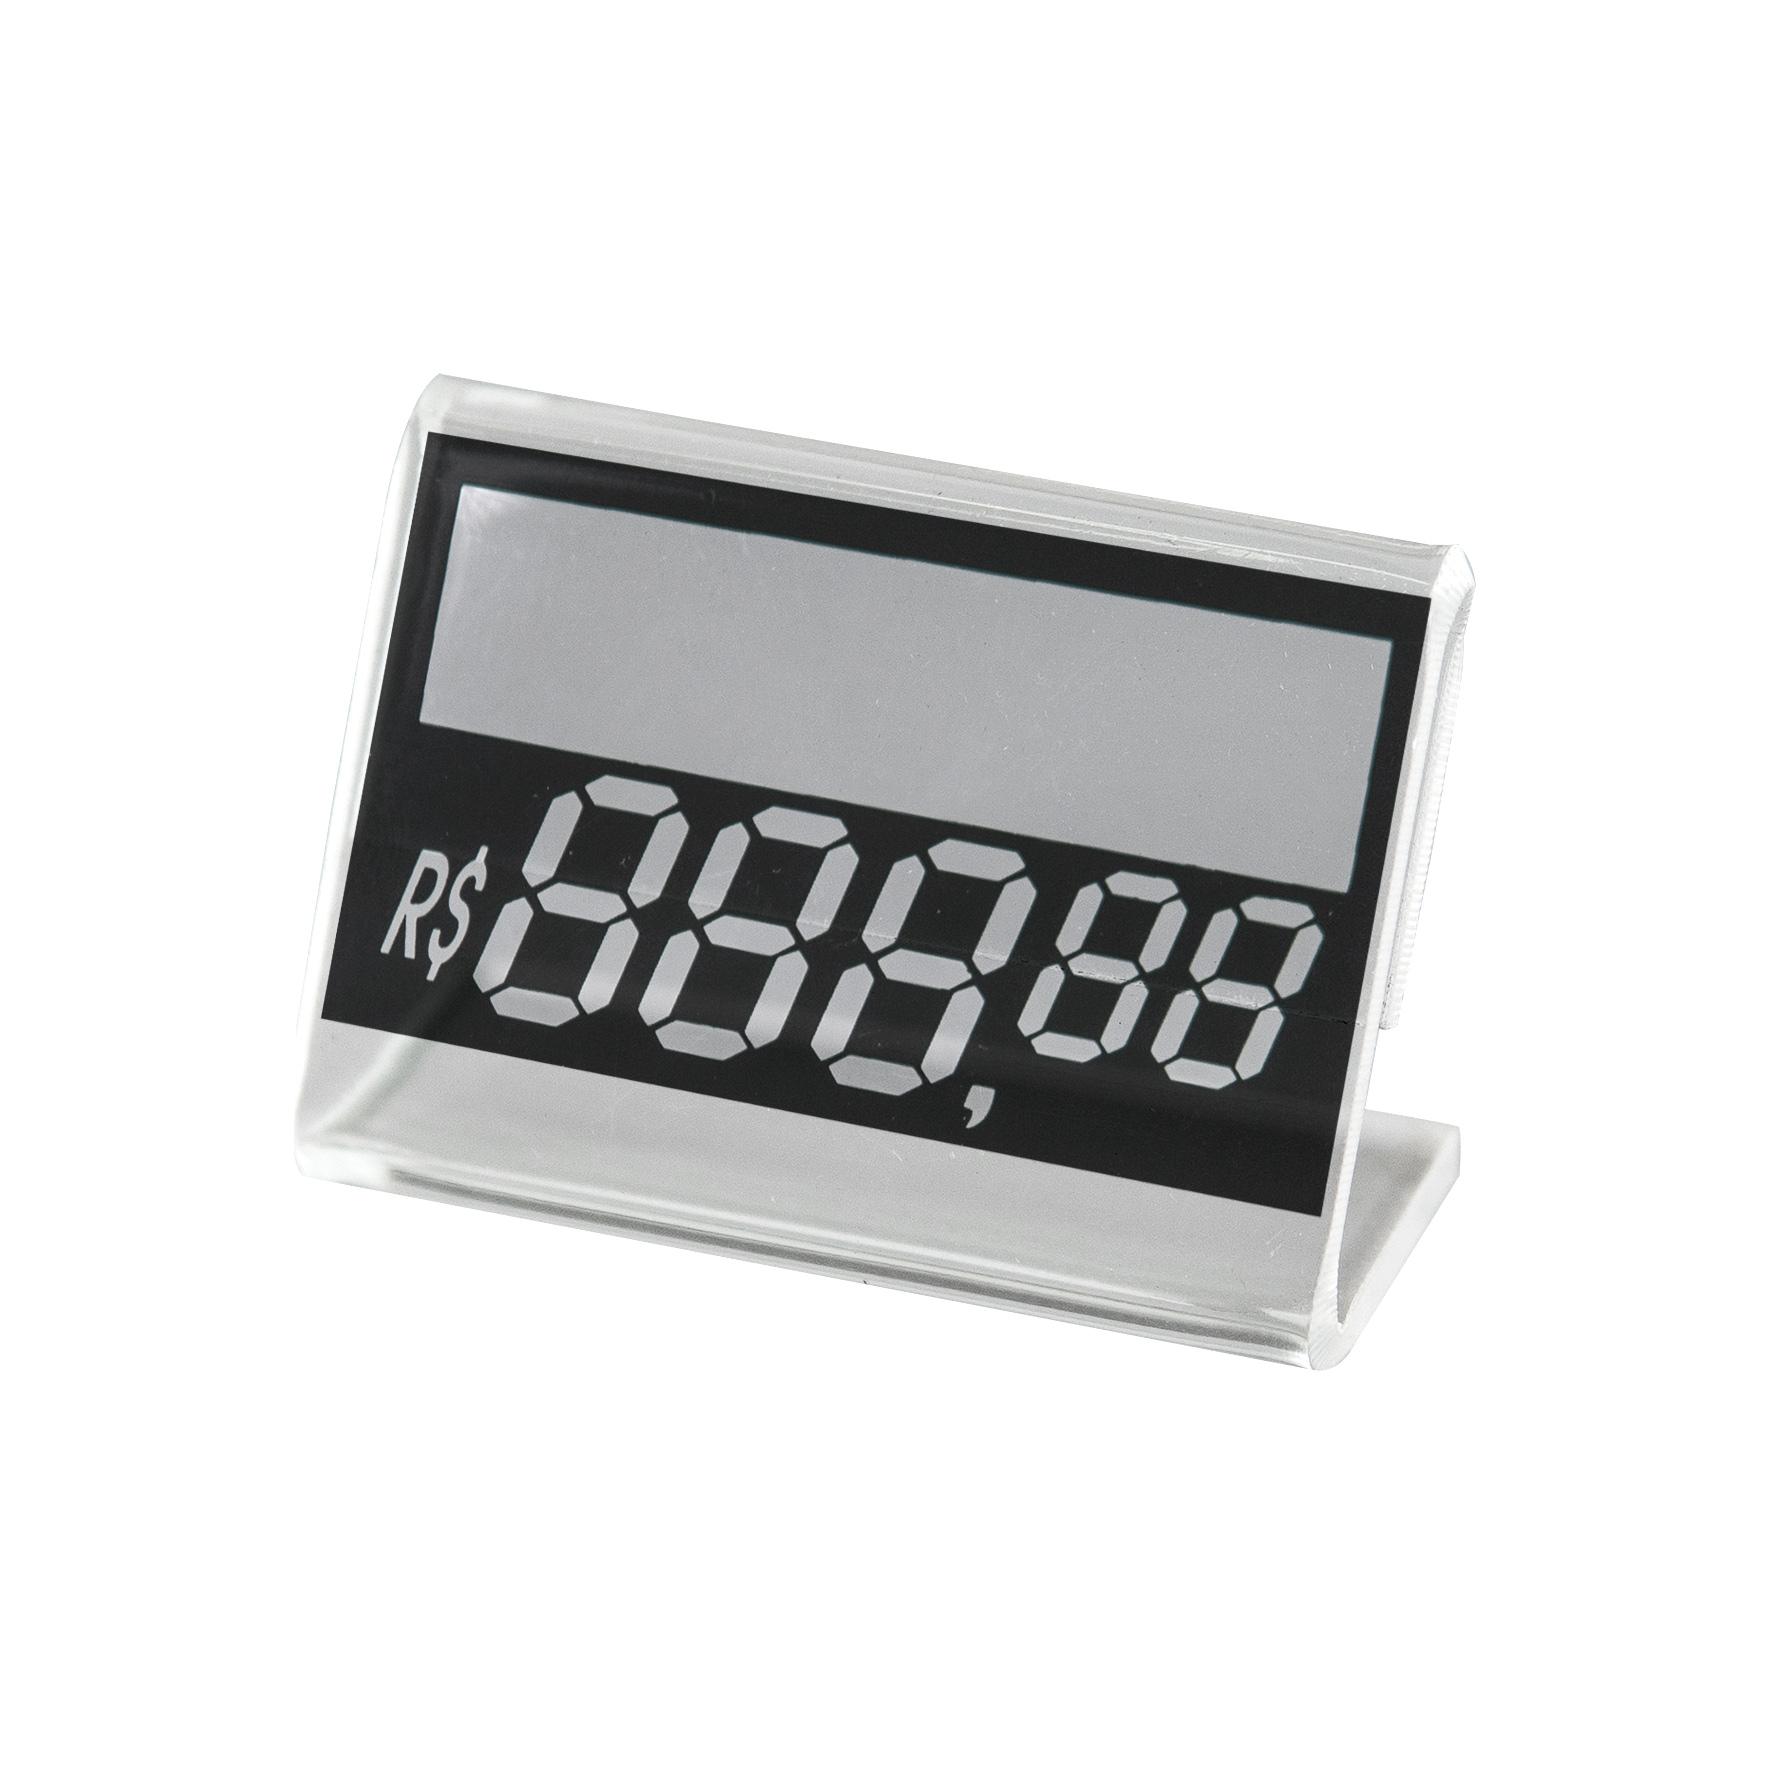 Kit Porta Preço Transparente 5x3,5cm - 30 Unidades